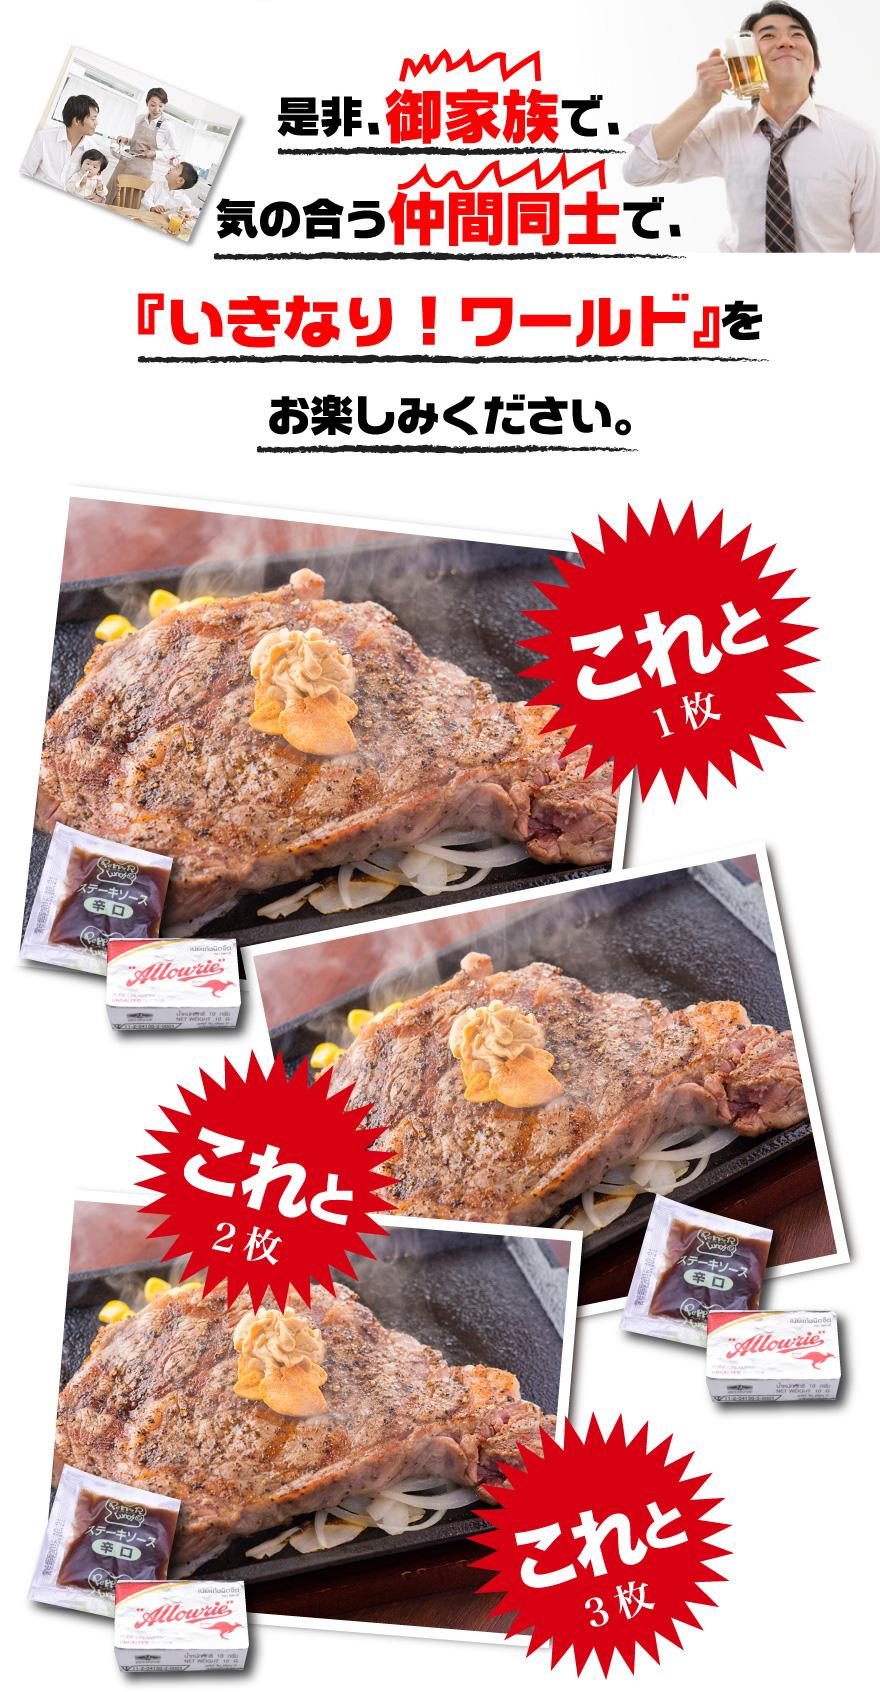 いきなりステーキセット(300gリブロース3枚、ステーキソース3袋、ペッパーペースト3個)